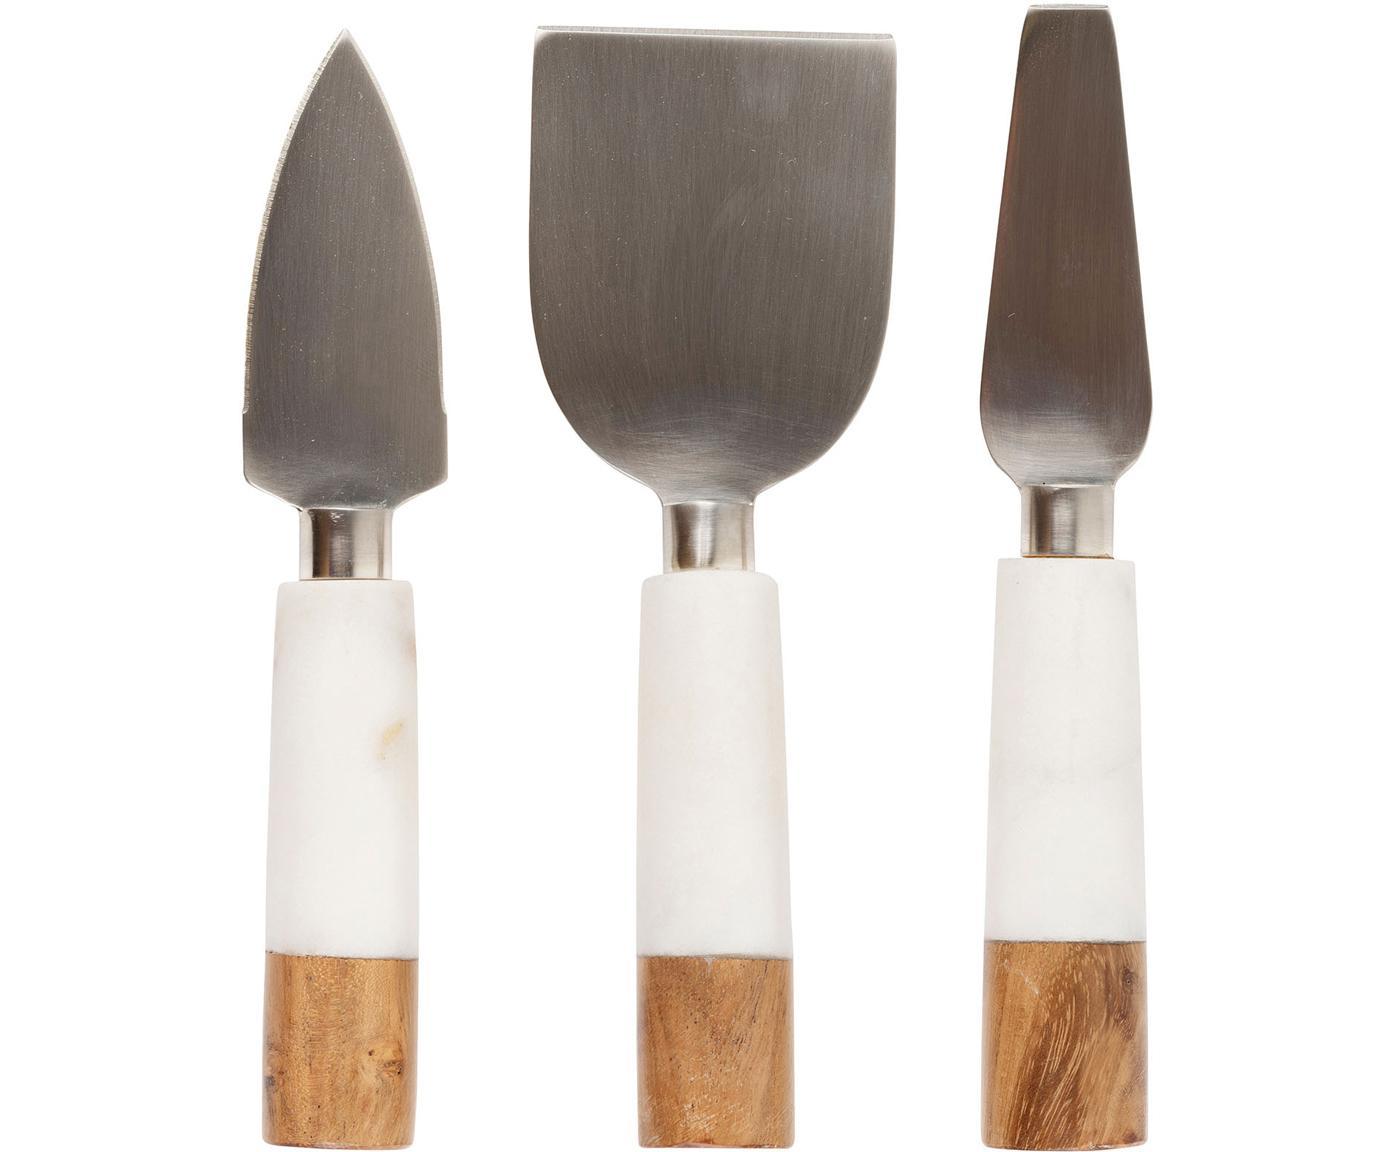 Käsemesser-Set Nevada mit Marmor-/Holzgriff, 3-tlg., Edelstahl, Marmor, Holz, Beige, Weiß leicht marmoriert, L 21 cm